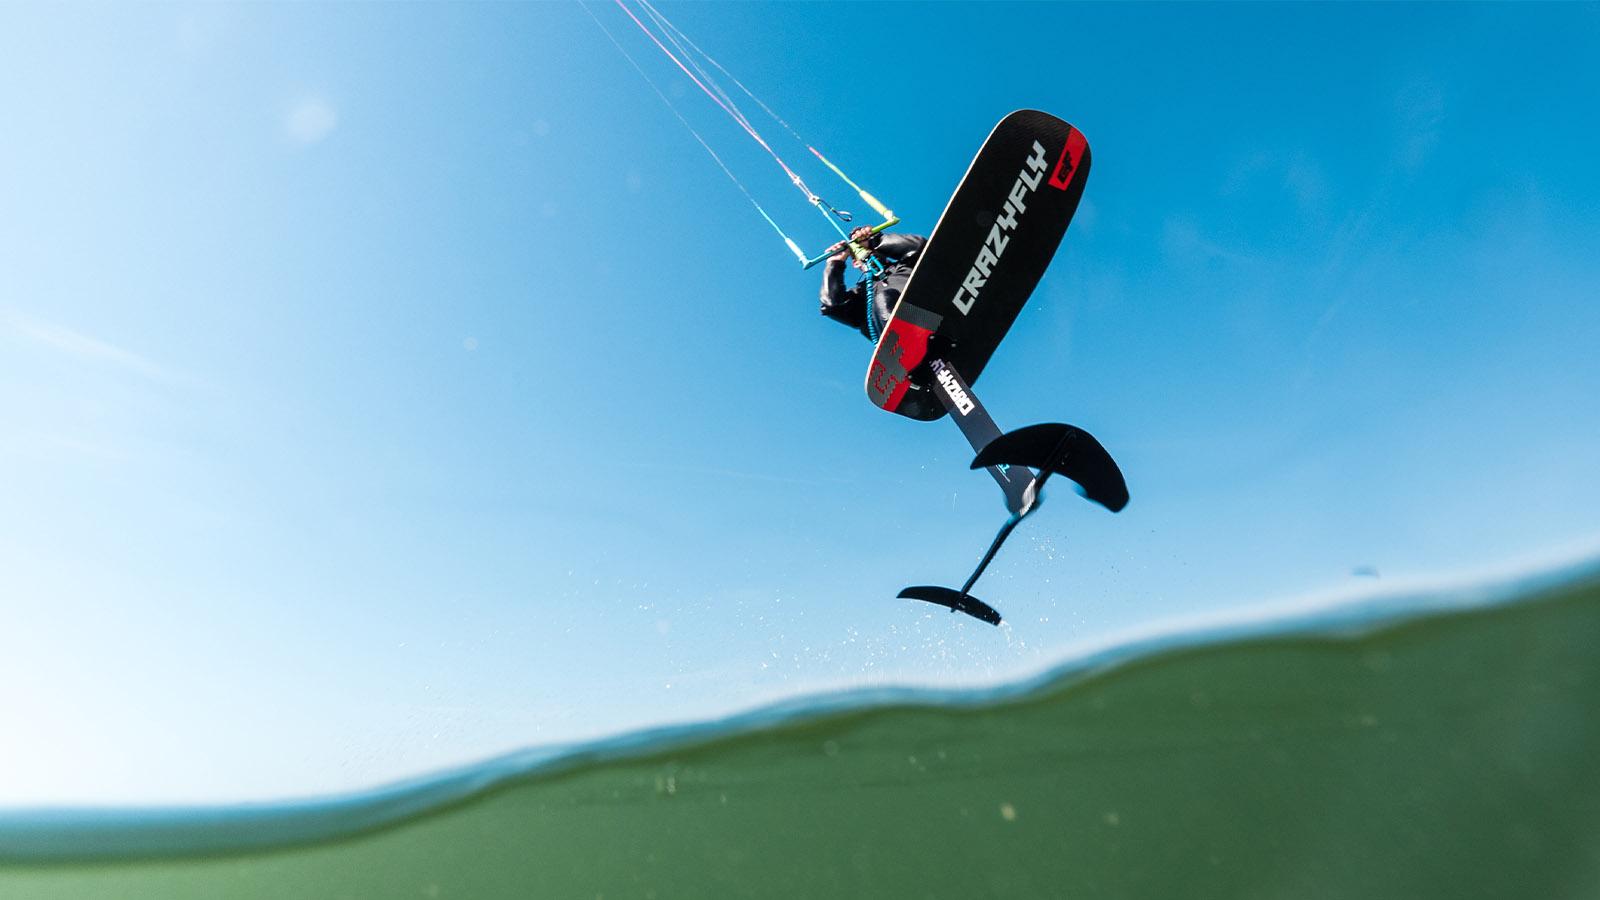 CrazyFly 2020 Kiteboards